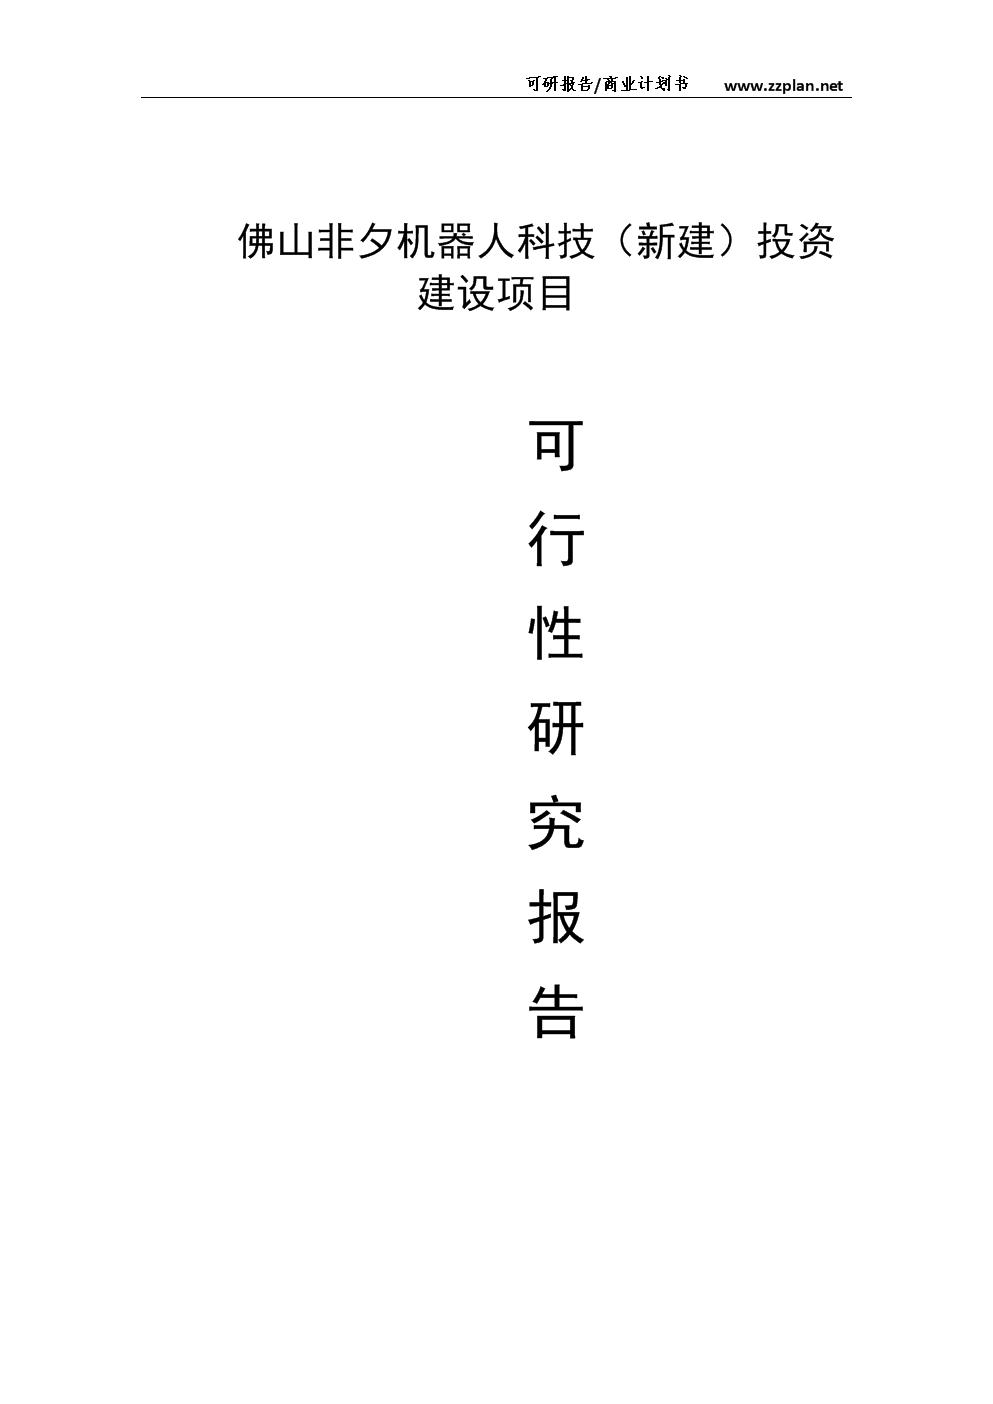 佛山非夕机器人科技(新建)项目可研报告.docx